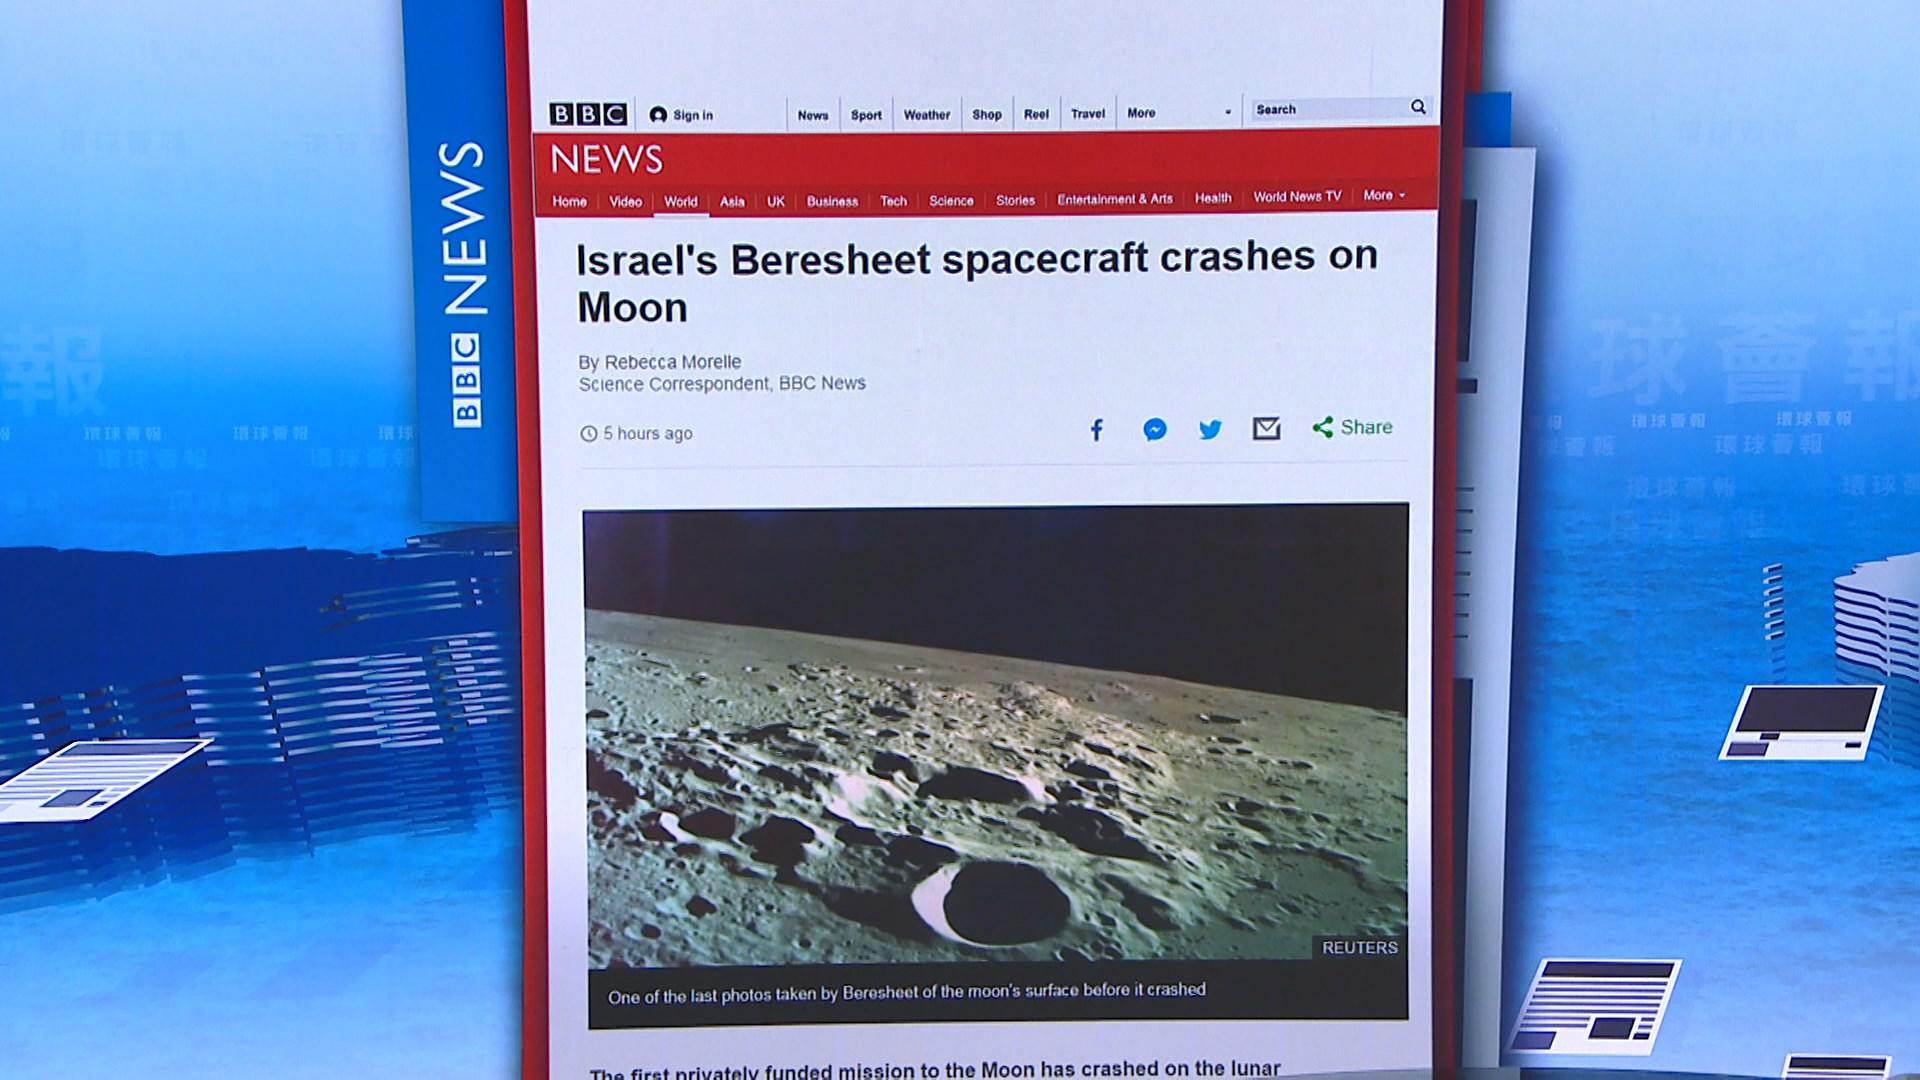 【環球薈報】以色列登月探測器首次嘗試登月失敗